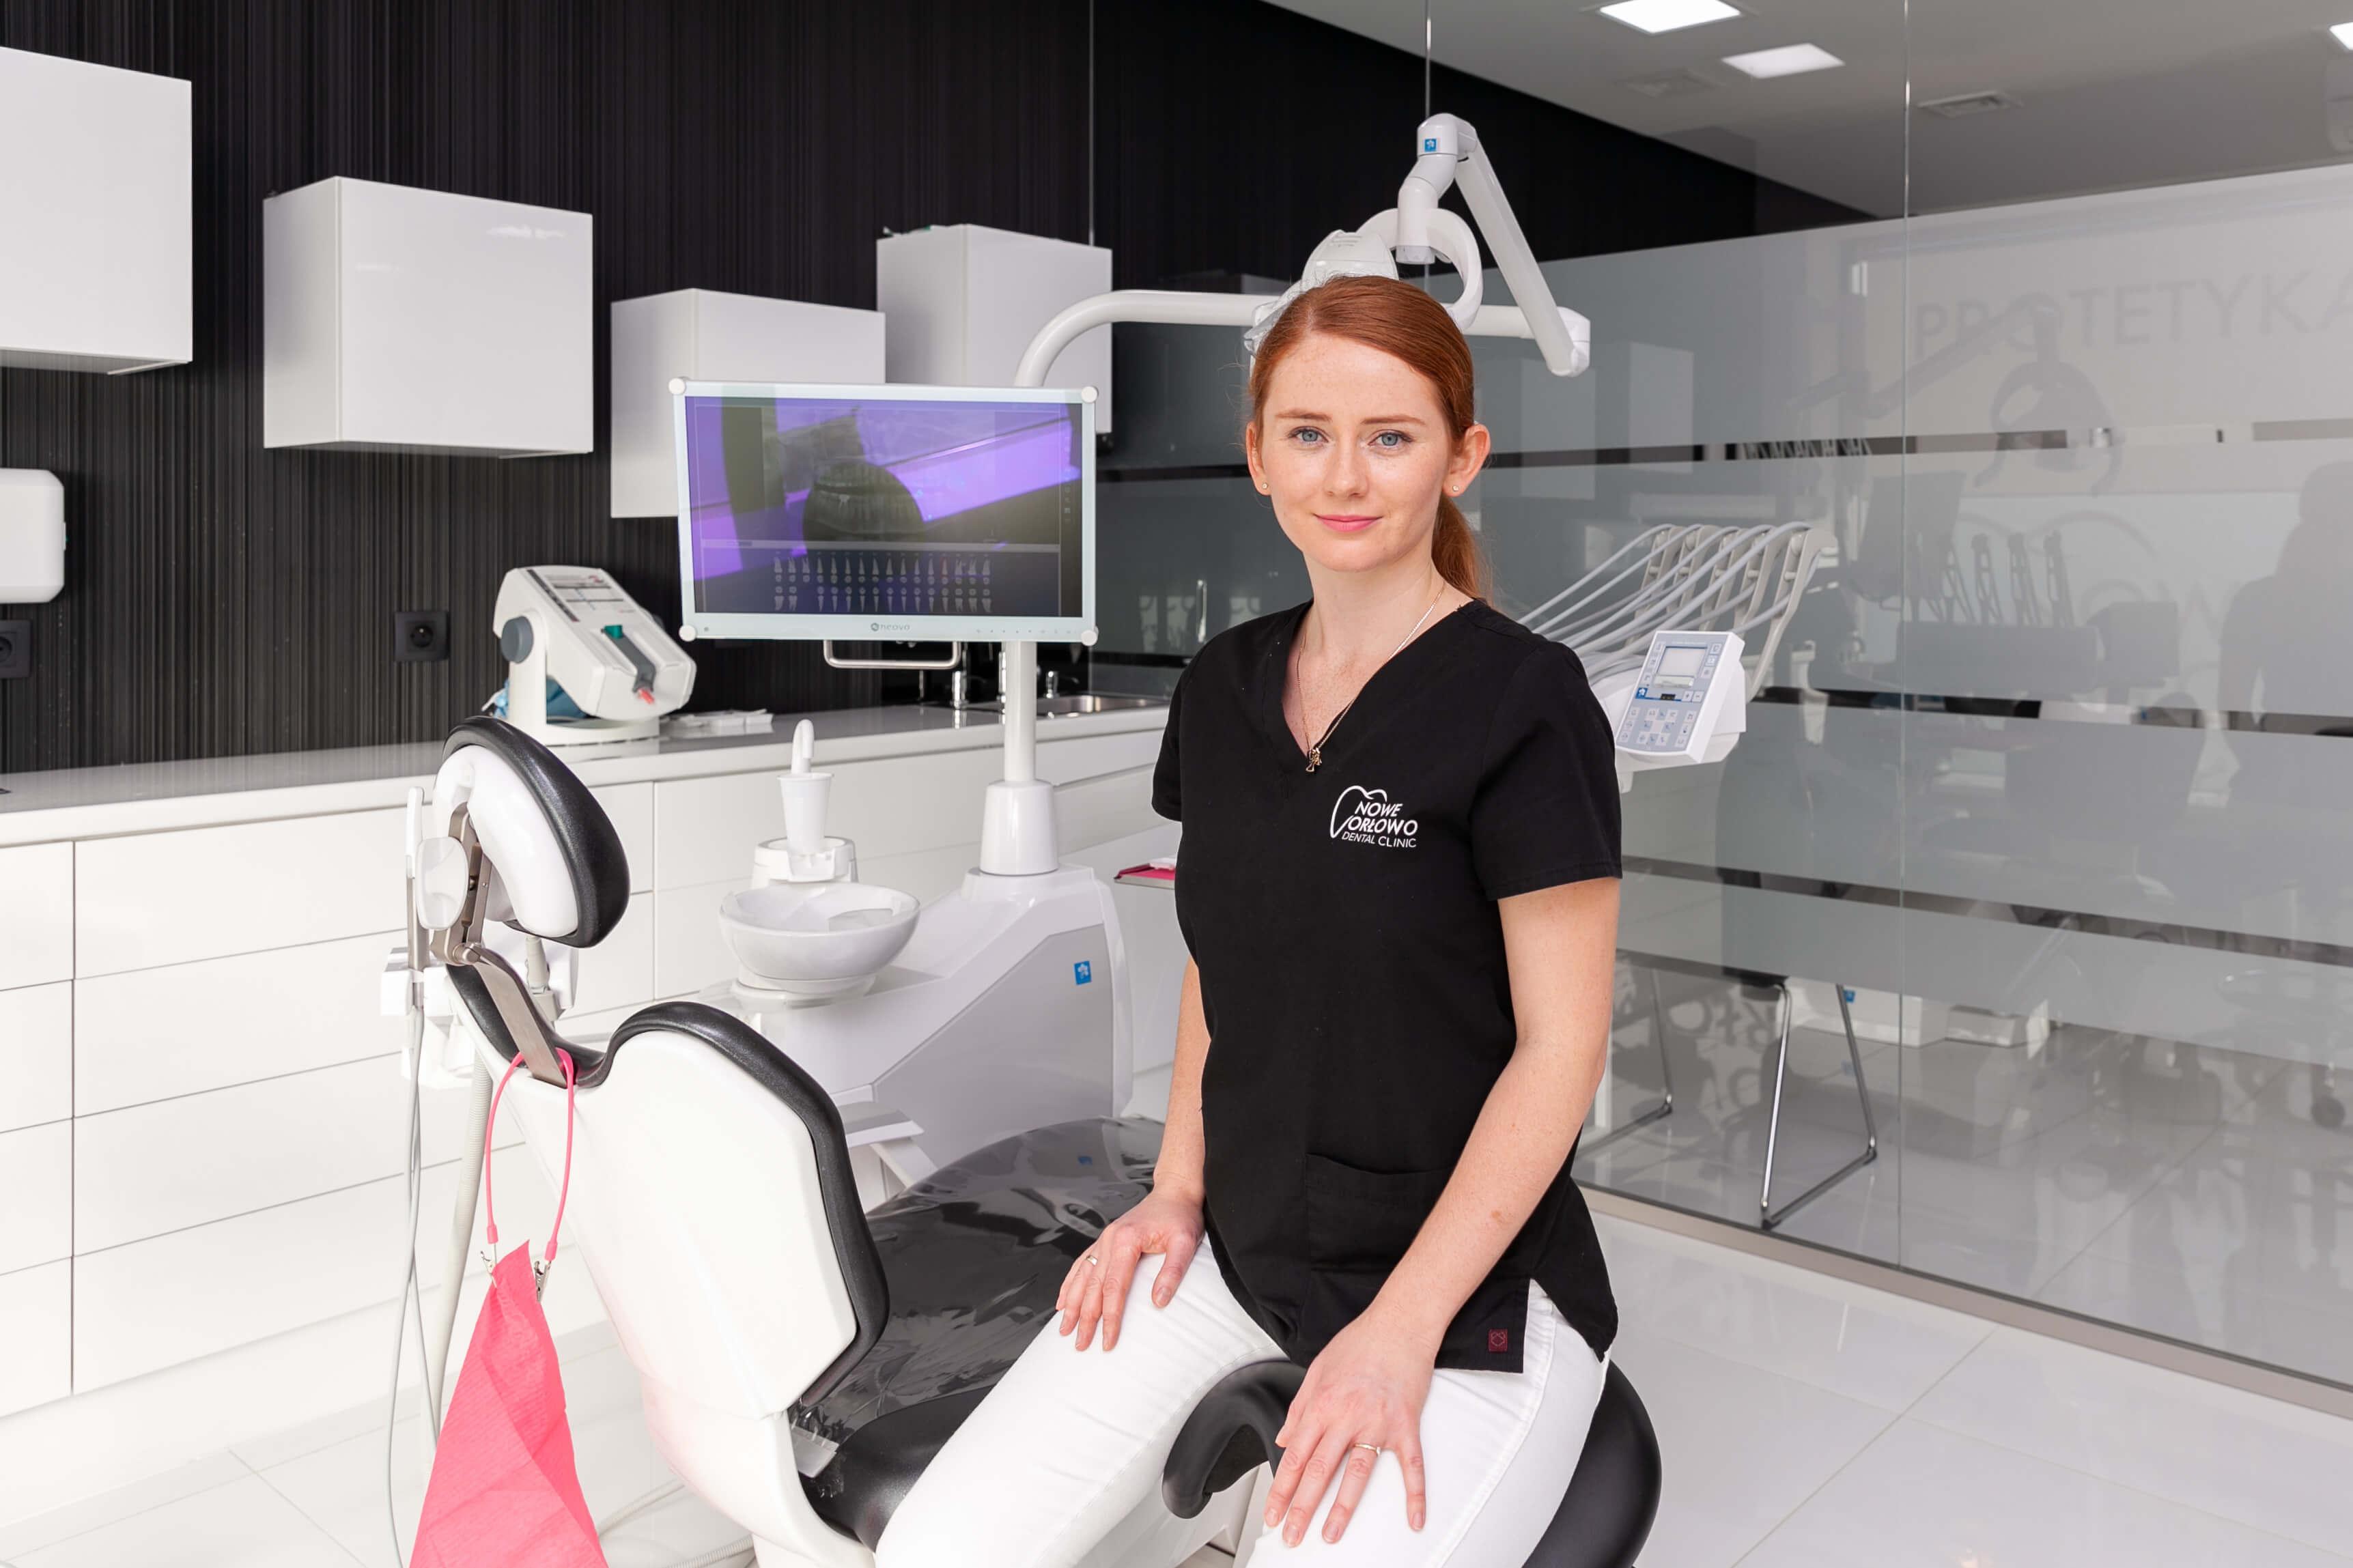 Nowe Orłowo Dental clinic 20 - Nowe Orłowo Dental Clinic – klinika godna zaufania